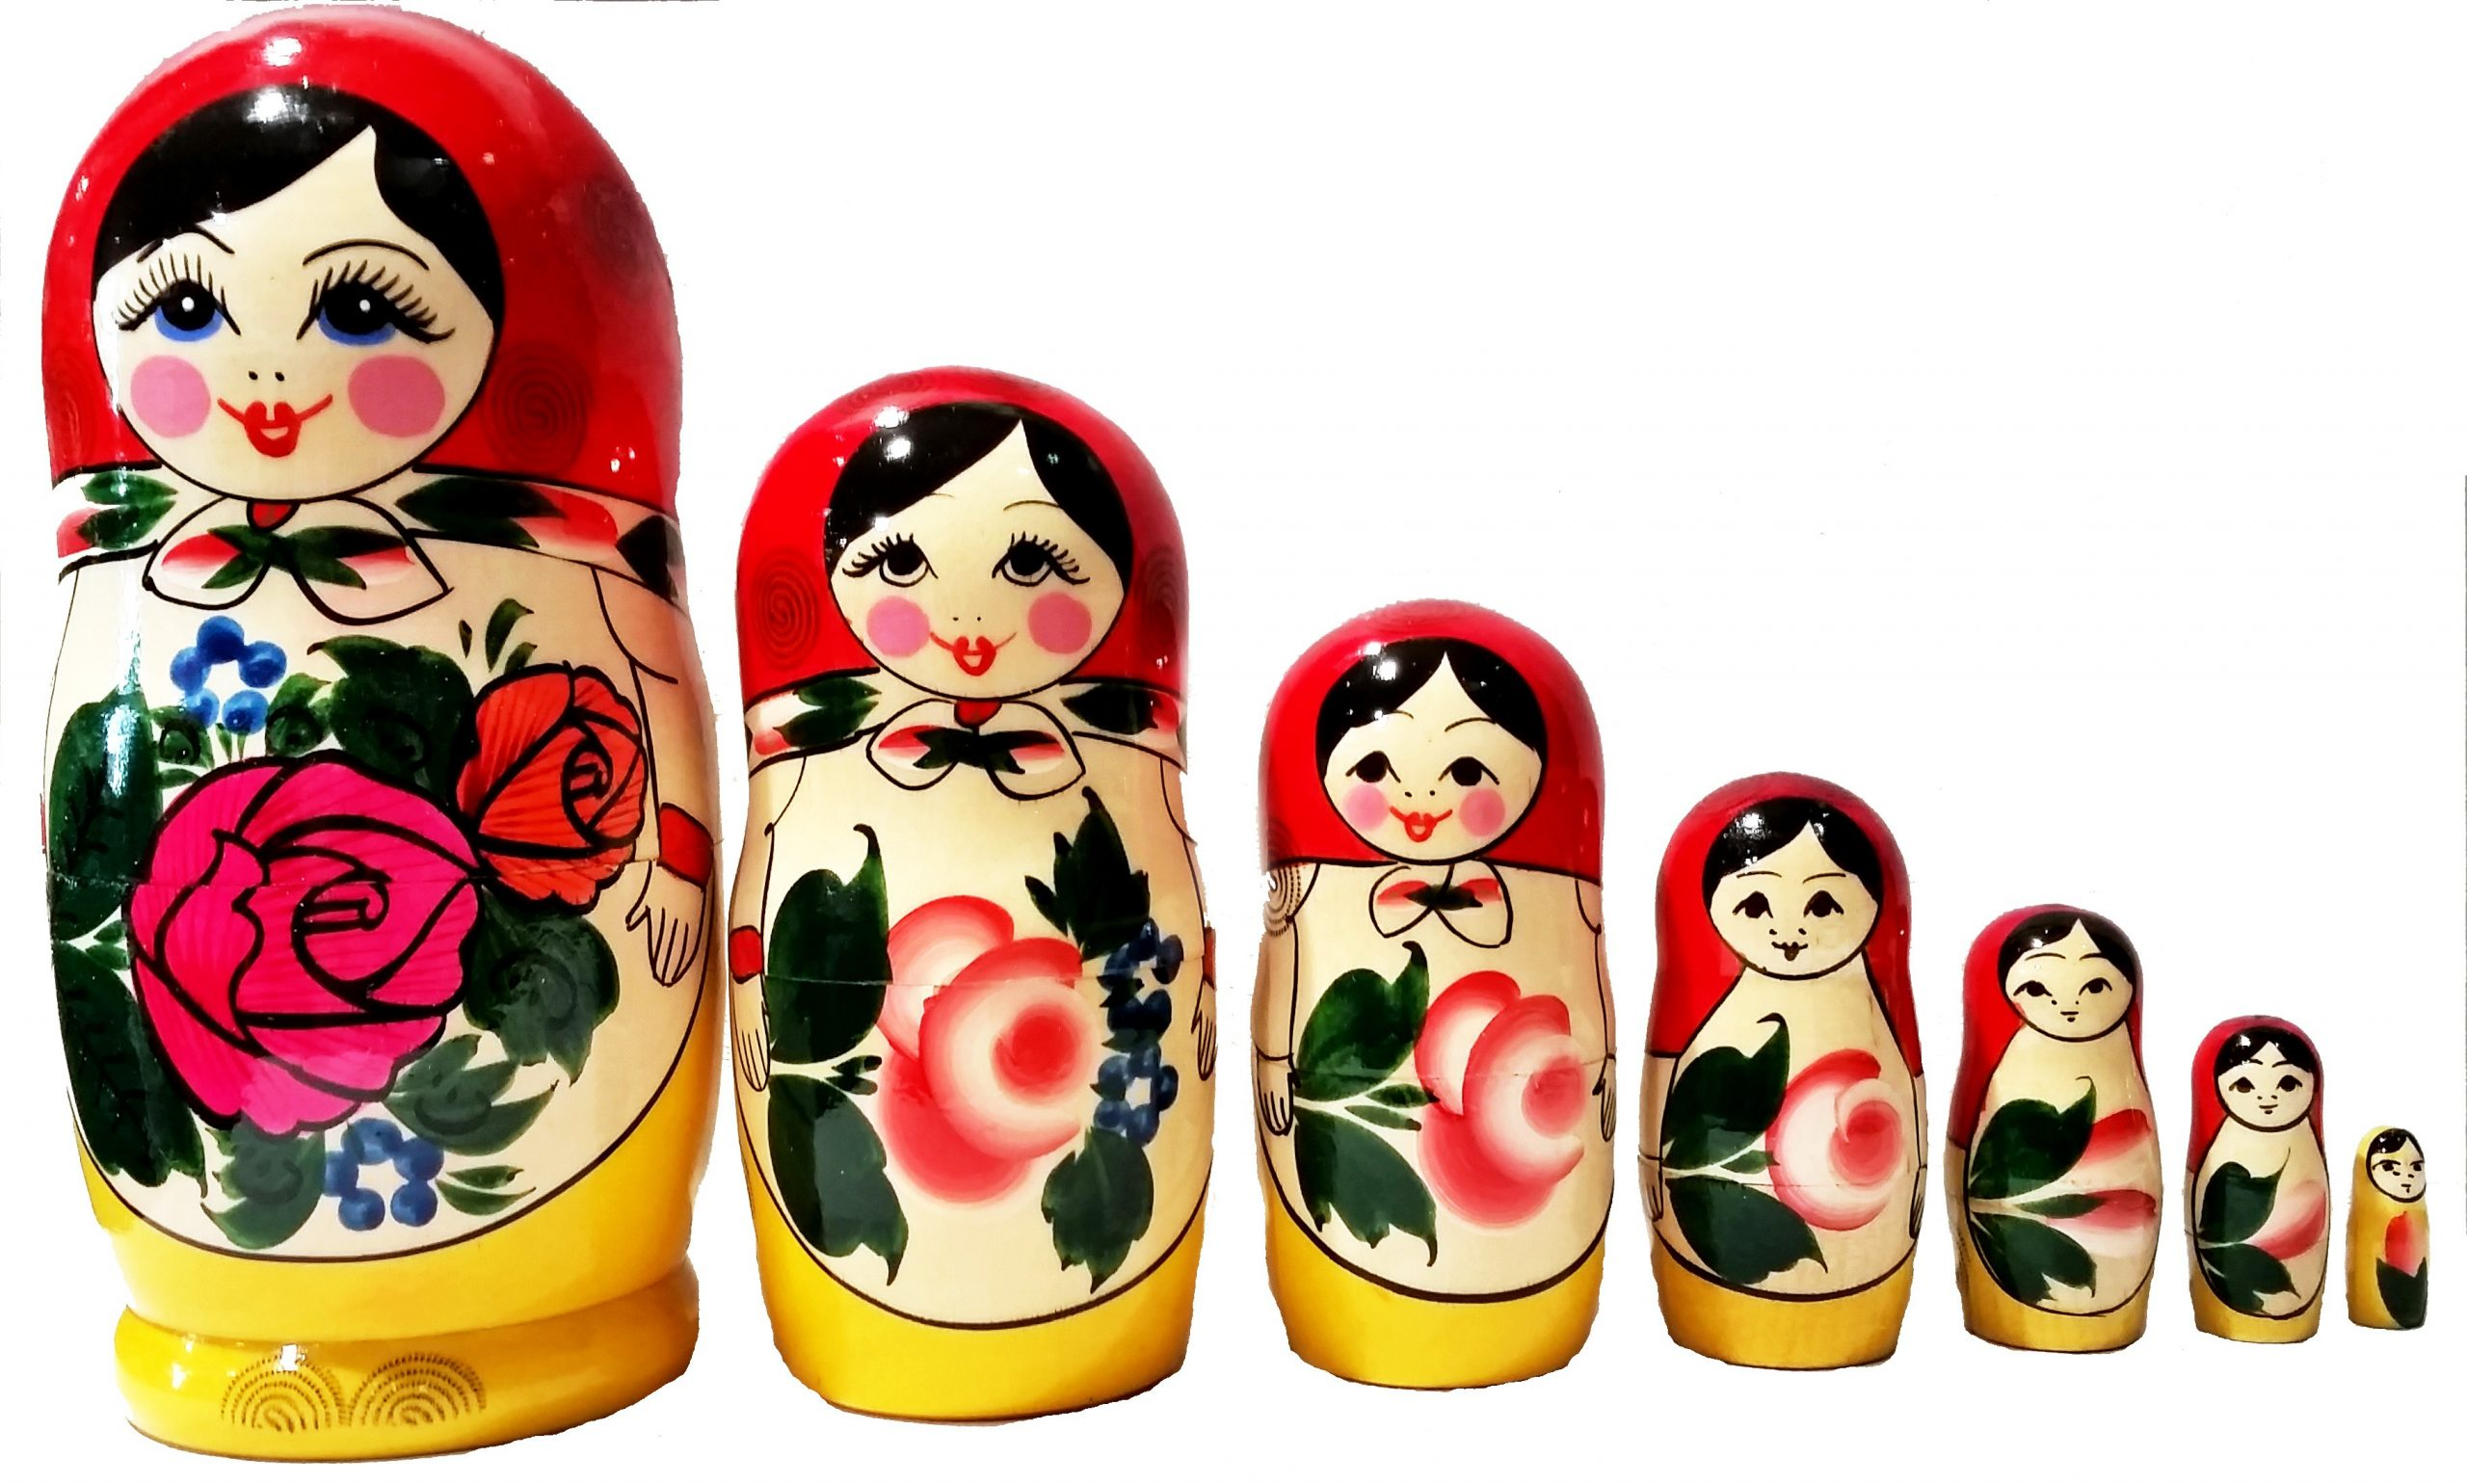 Poupée Russe 7Pcs. - Tendance Russe avec Nom Poupée Russe